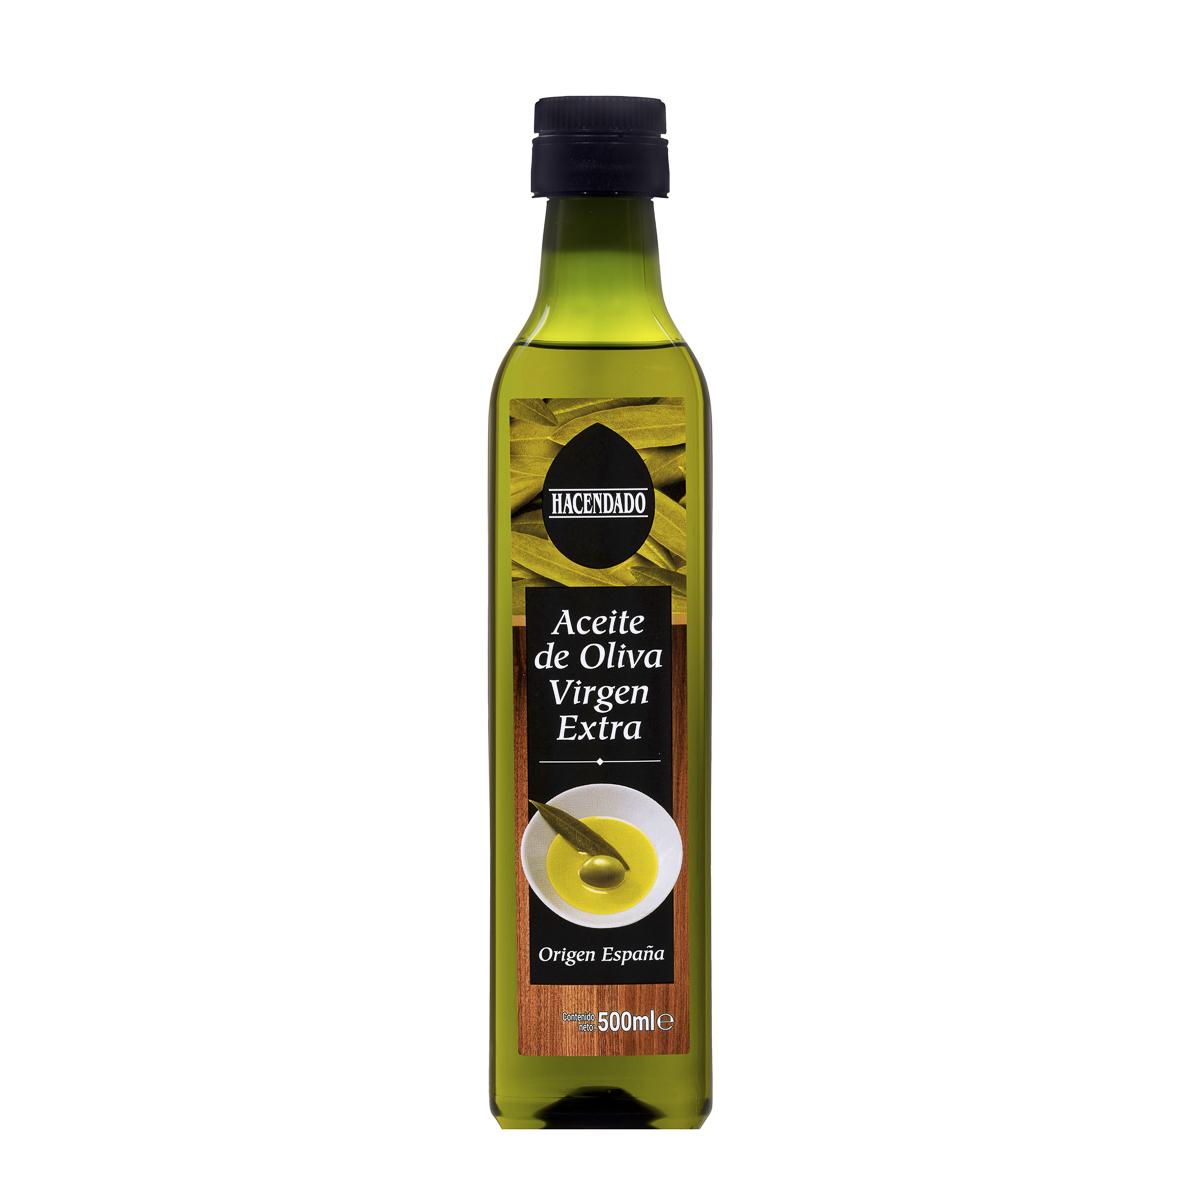 Fotografía producto, aceite Hacendado (Mercadona)